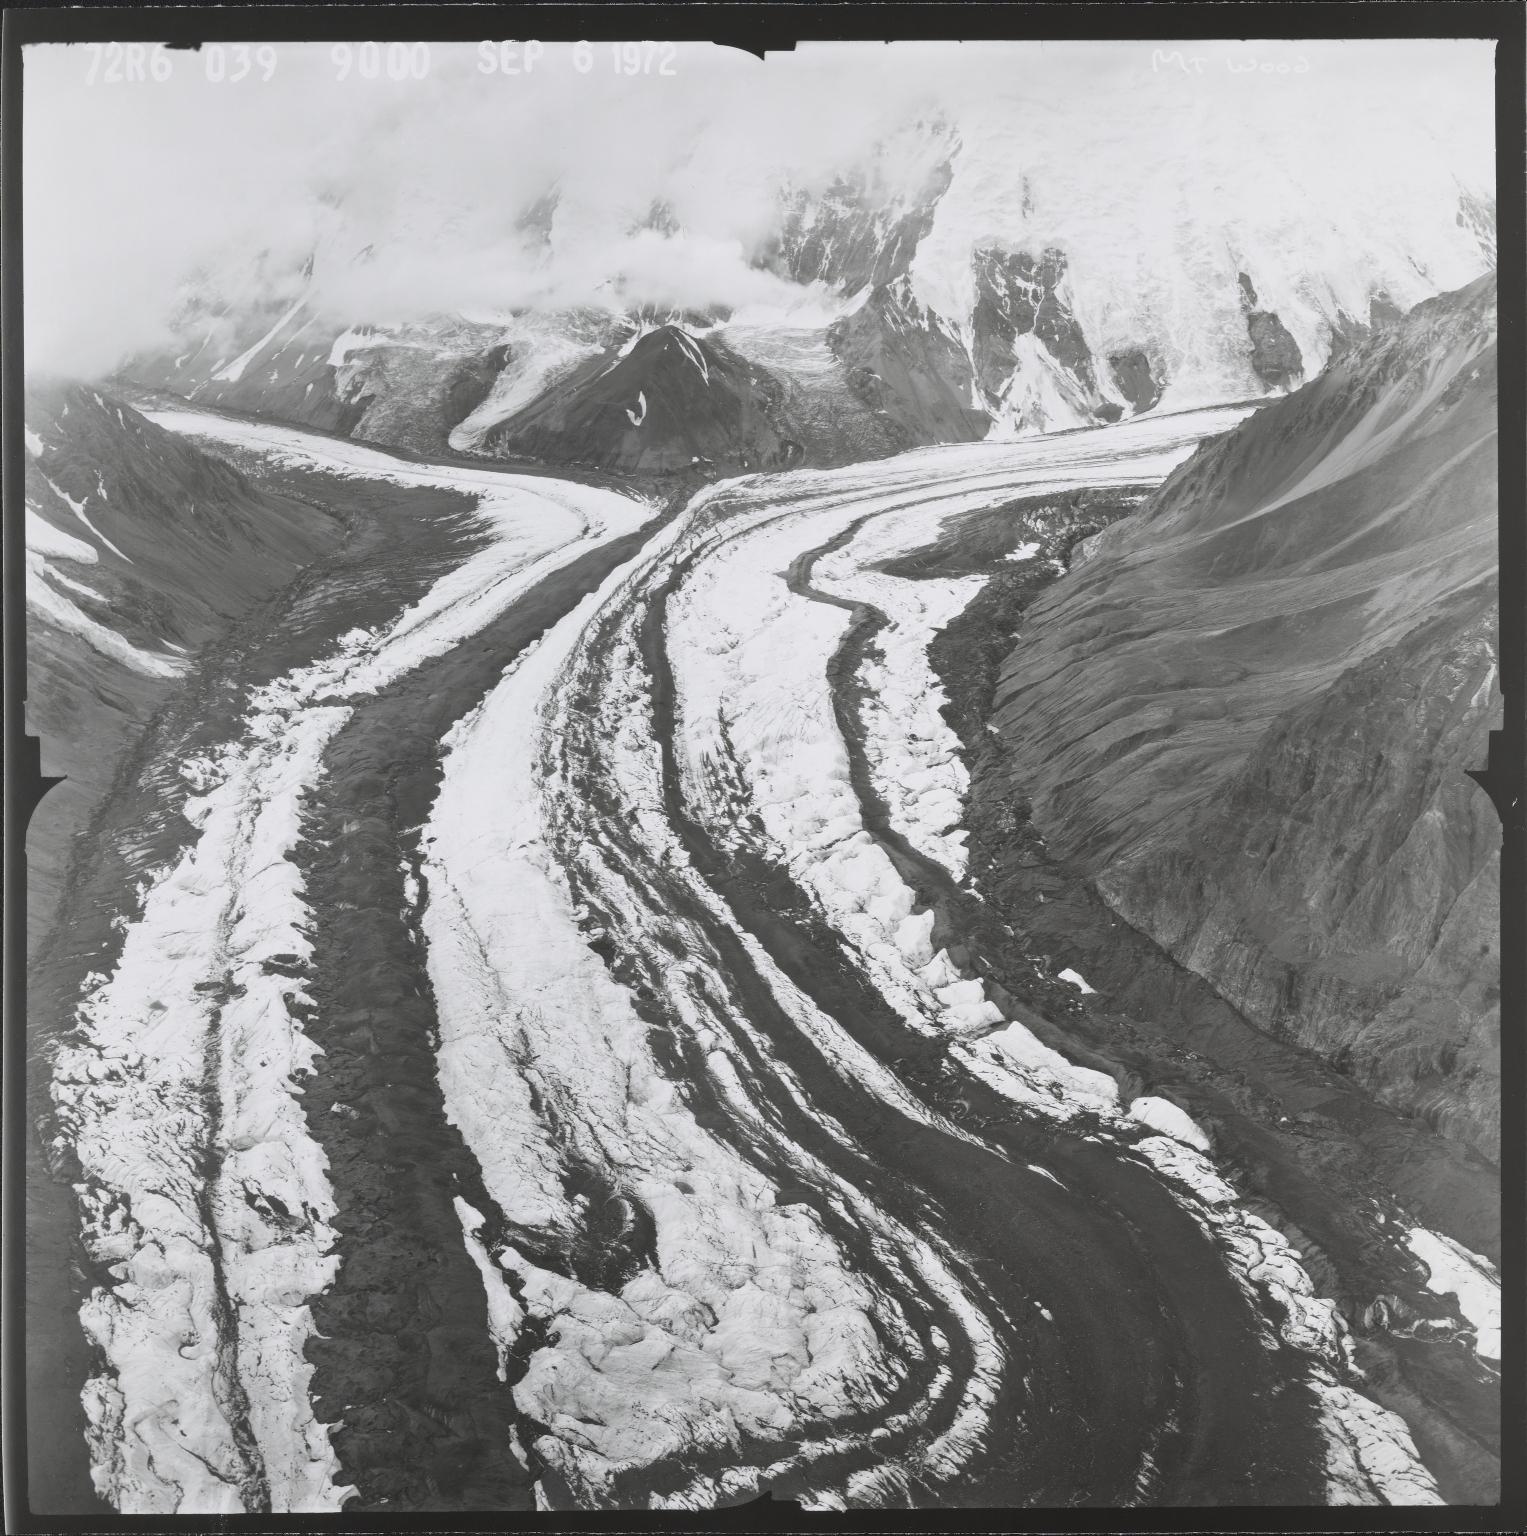 Mount Wood Glacier, Yukon, Canada